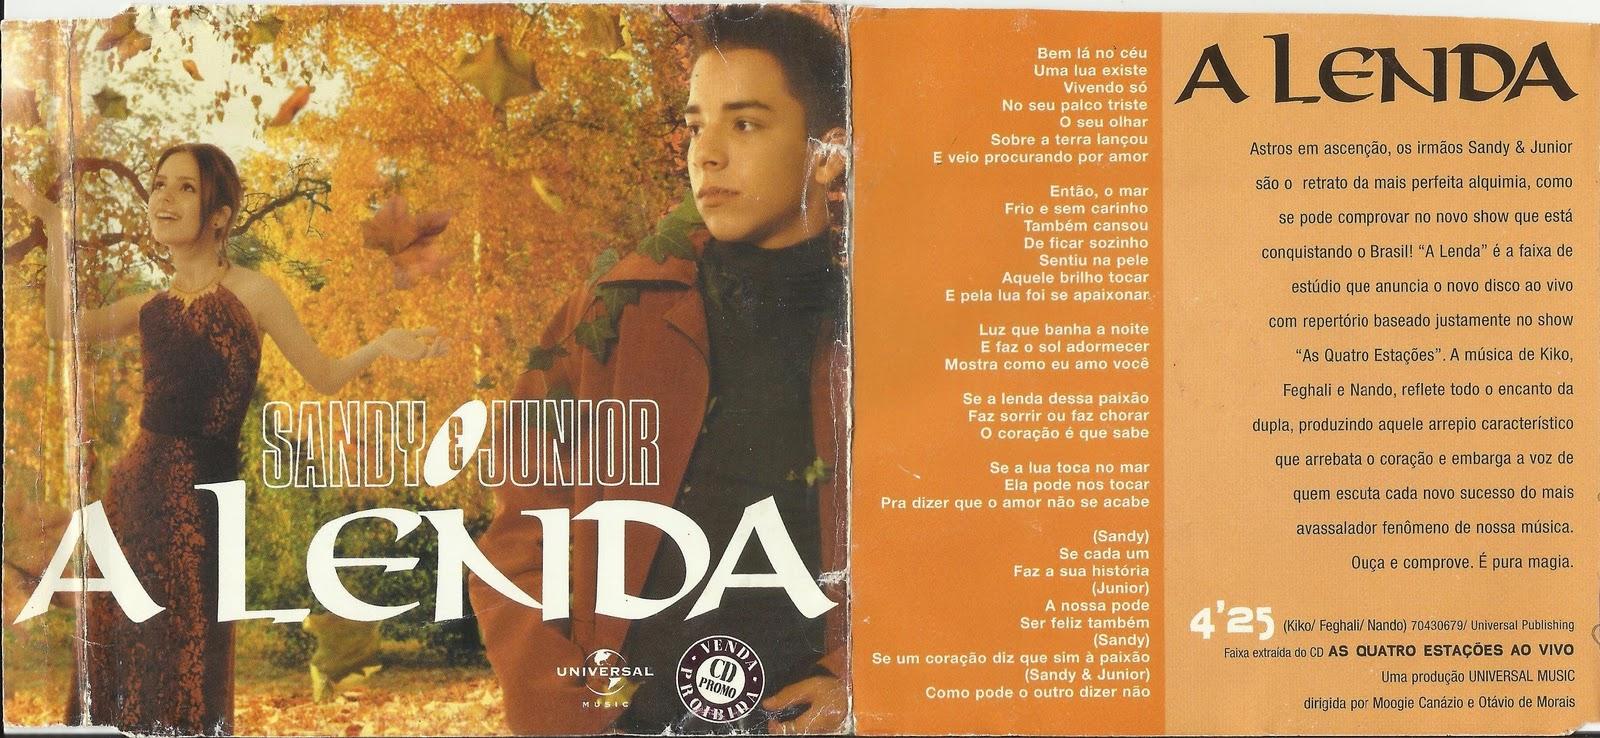 BAIXAR MAROTO DO NO MUSICAS 2012 SORRISO BUSCADOR